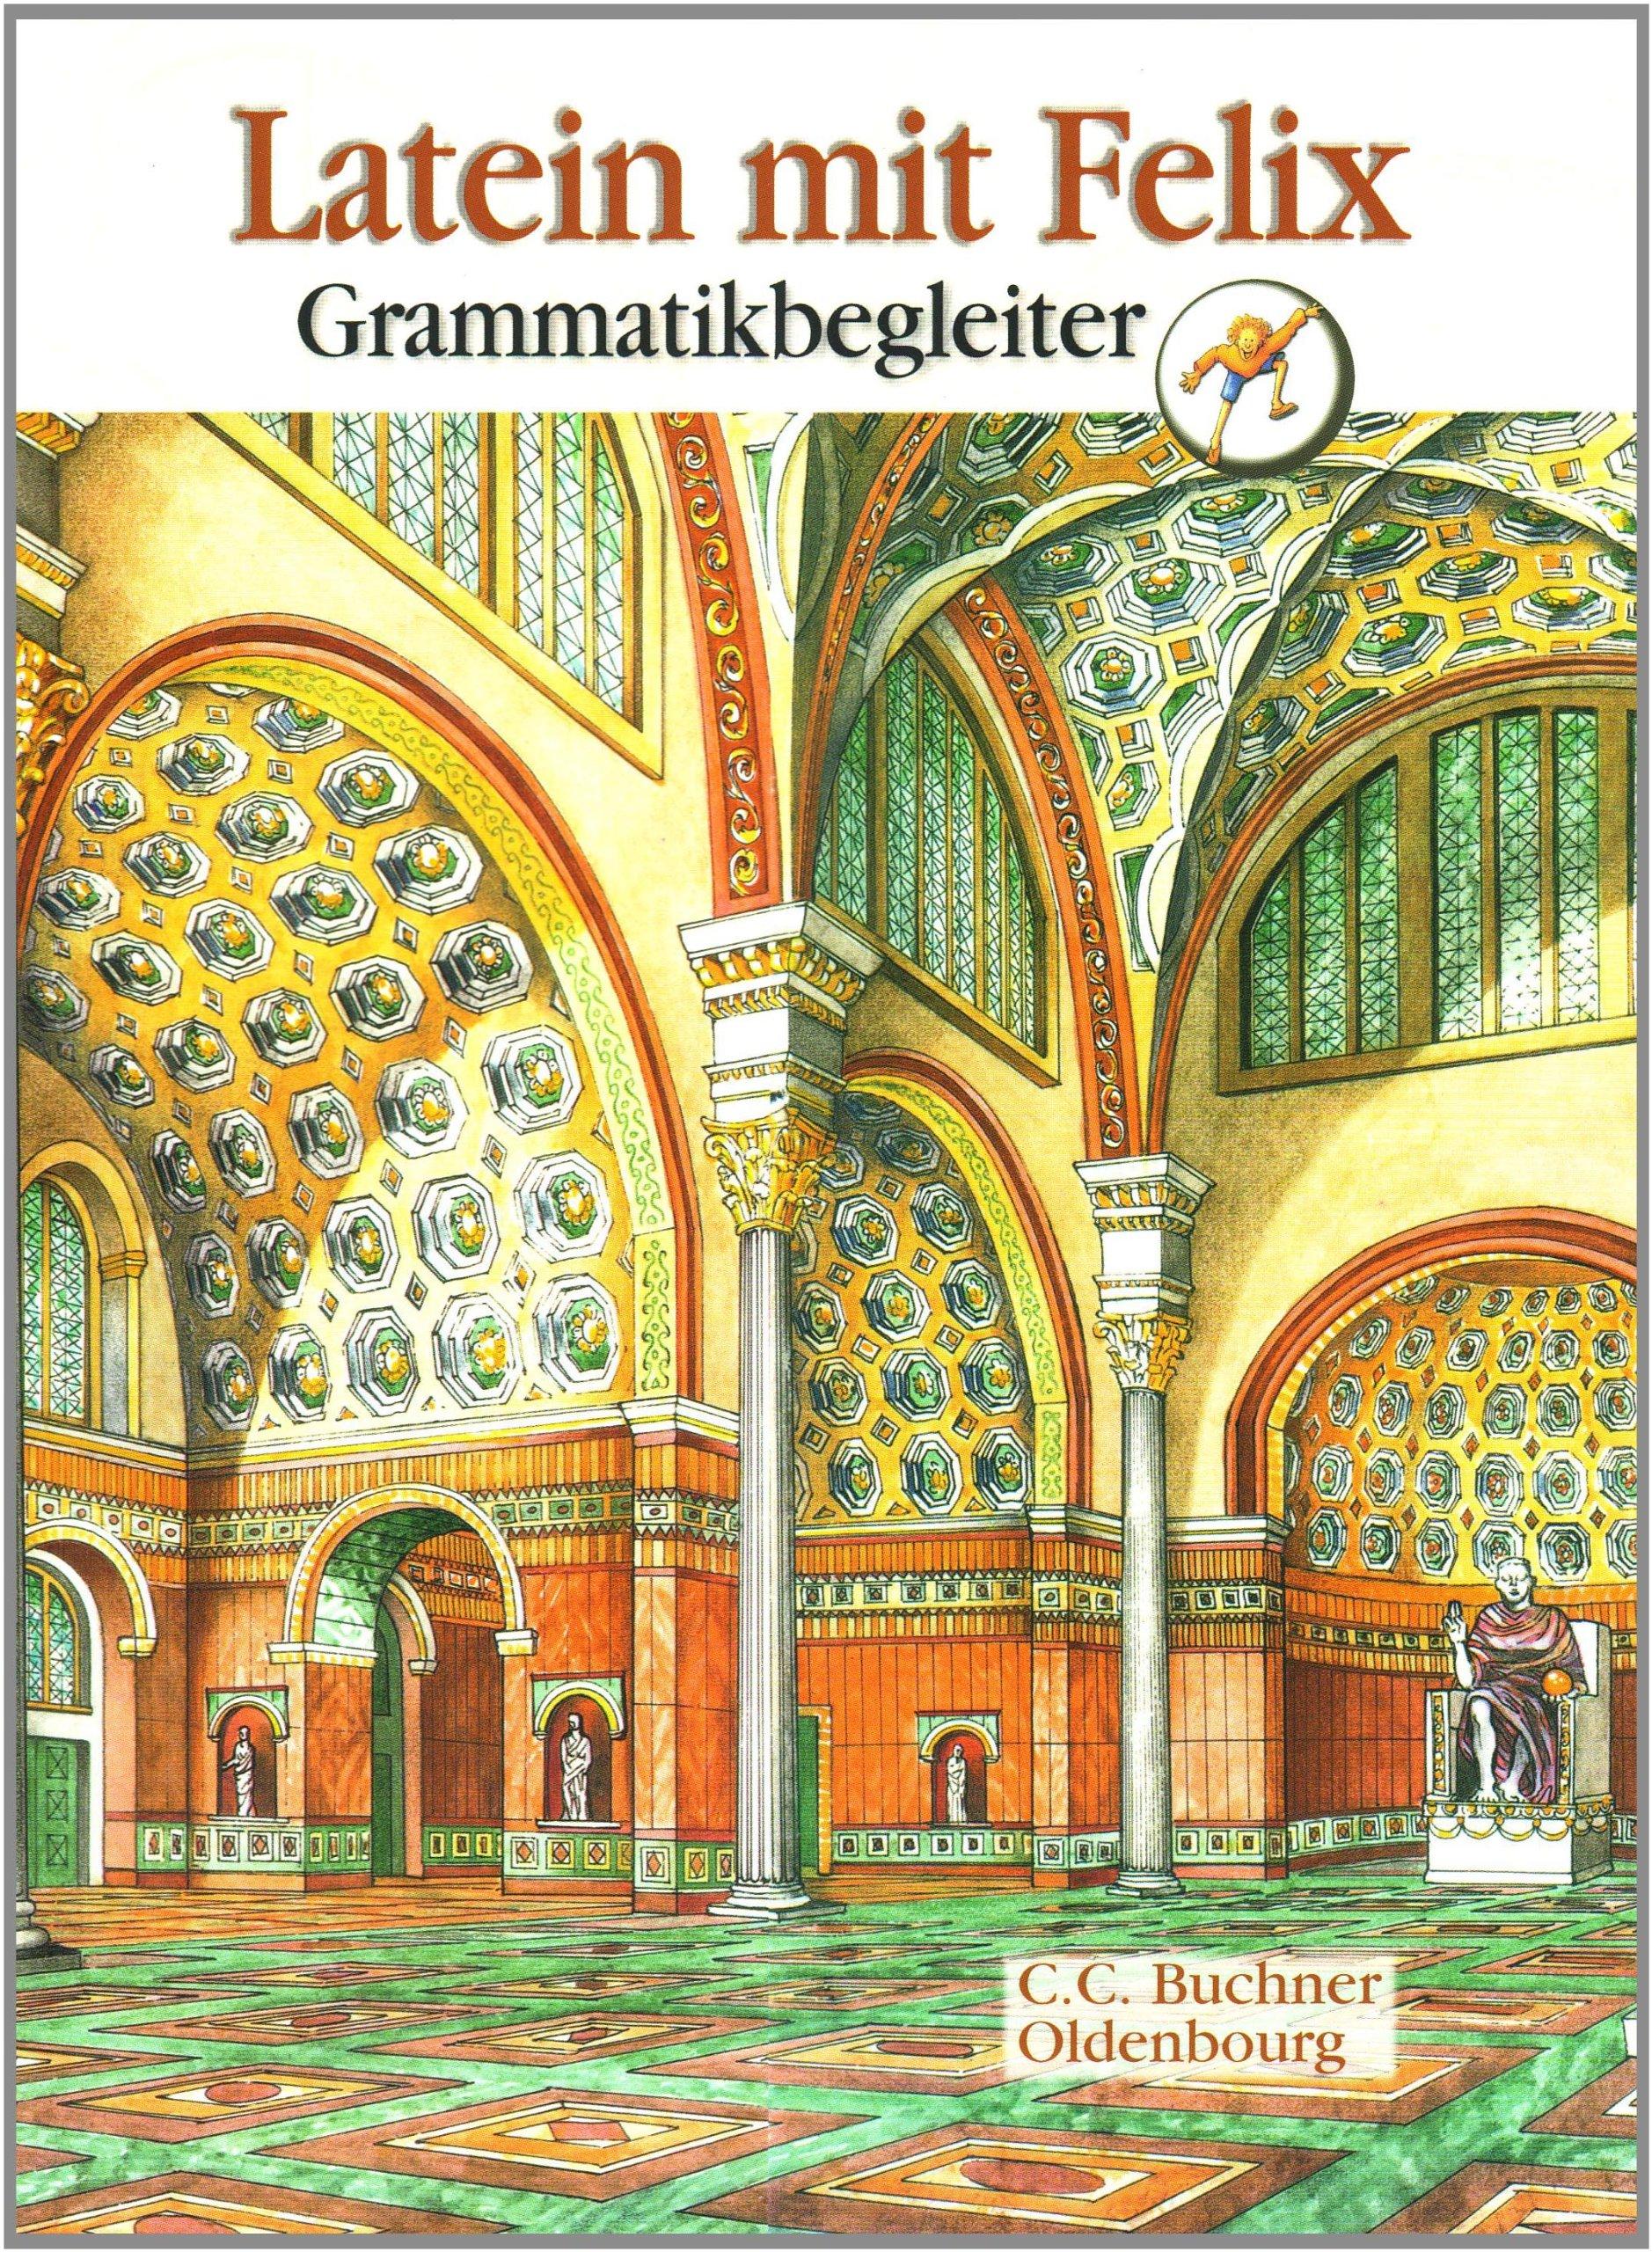 Latein mit Felix. Neues vierbändiges Unterrichtswerk für Latein: Grammatikbegleiter